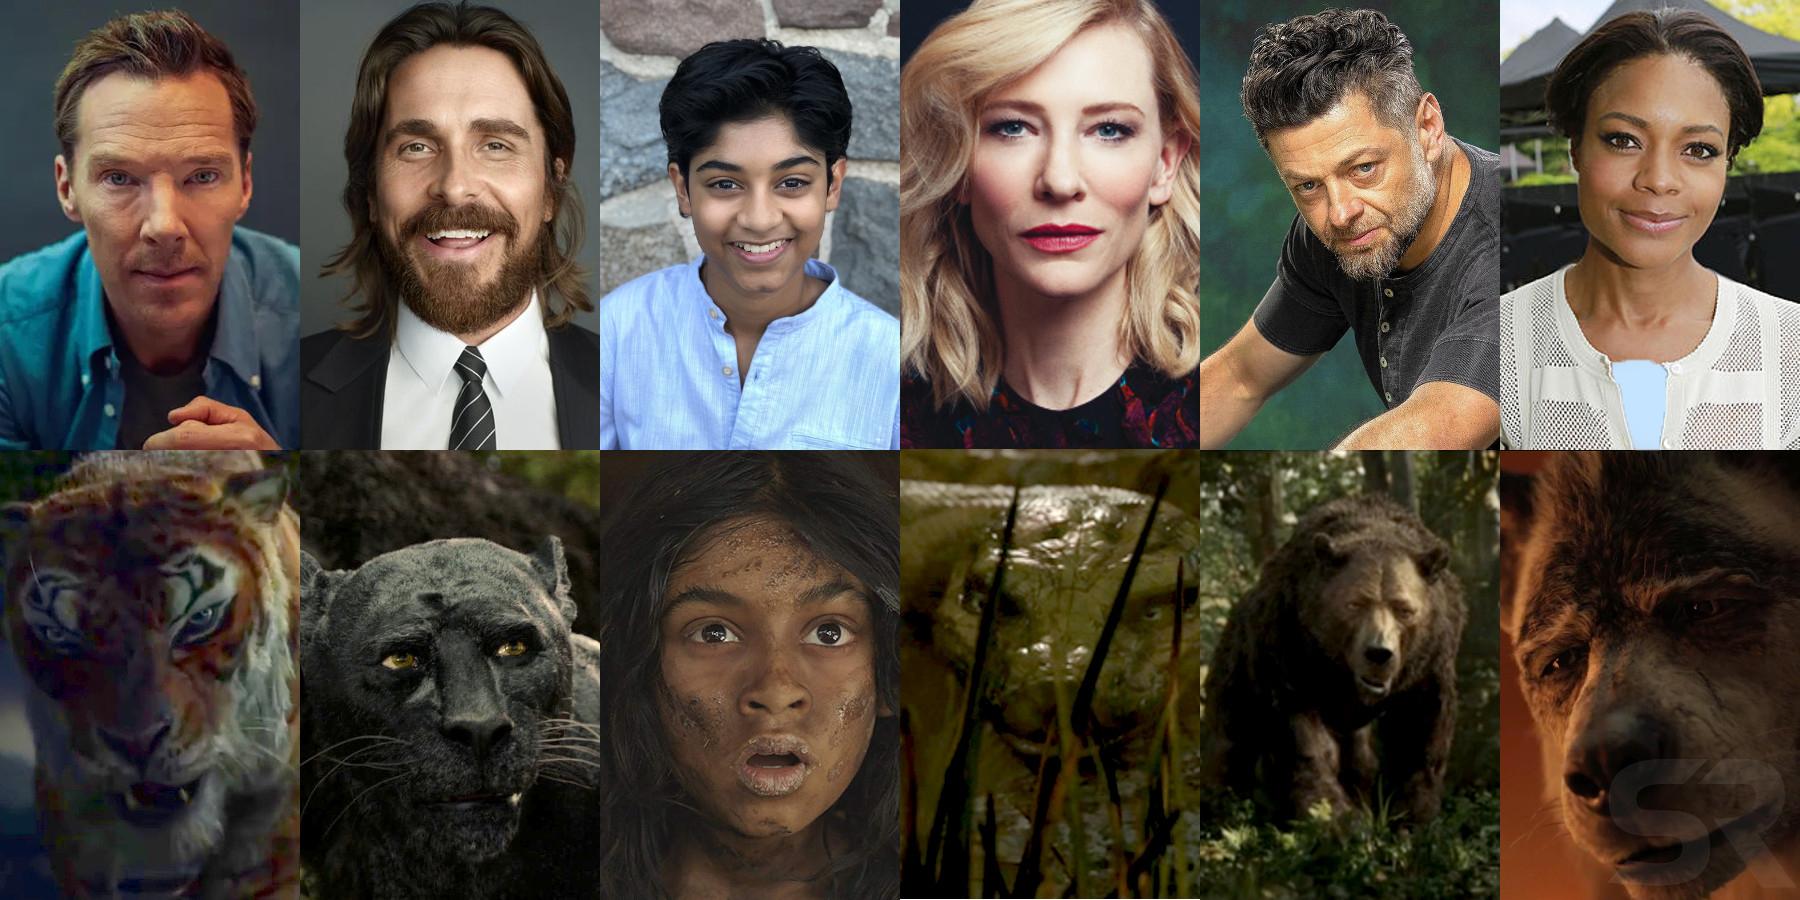 دانلود فیلم سینمایی 2018 Mowgli: Legend of the Jungle (موگلی: افسانه جنگل)به همراه دوبله فارسی